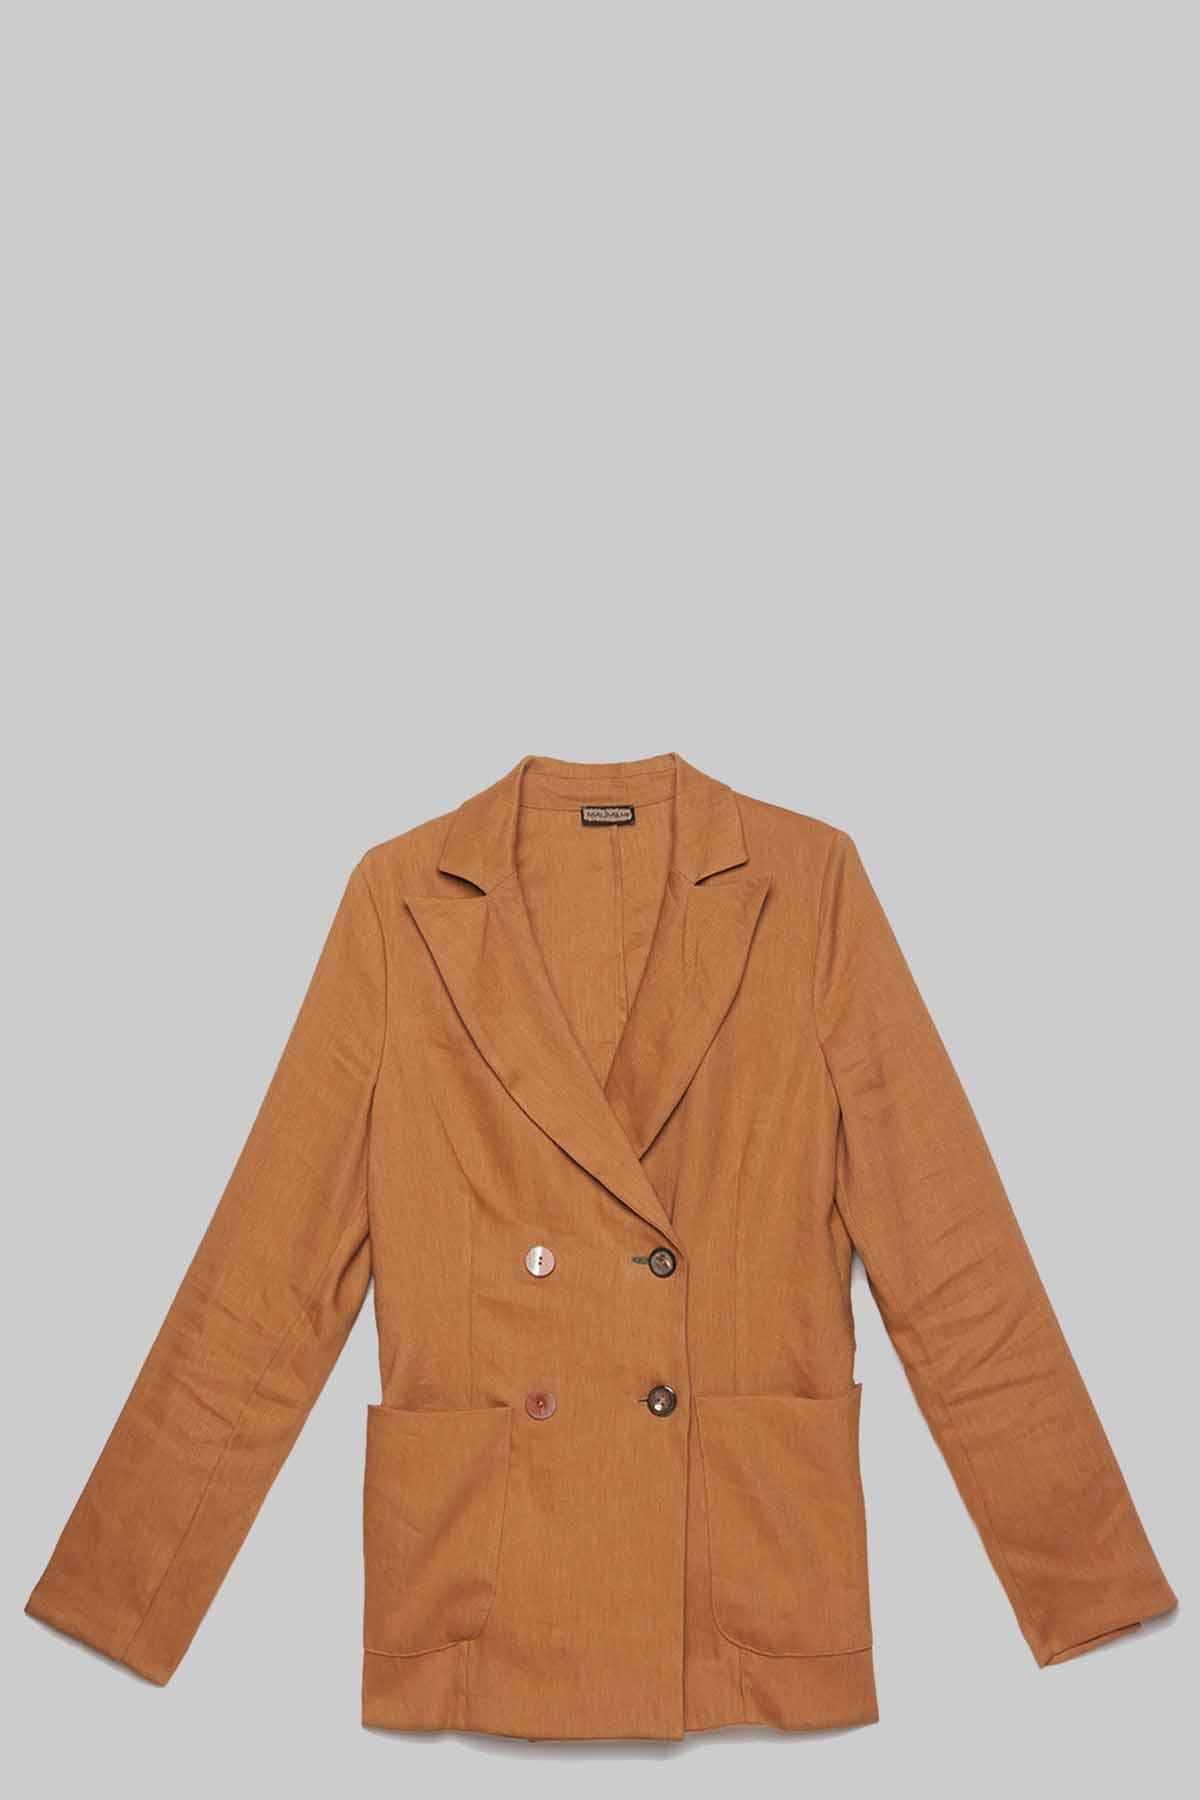 Abbigliamento Donna Giacca Doppiopetto Diagonal Linen in Lino Ocra Maliparmi | Giacche e giubbini | JD63774007812021